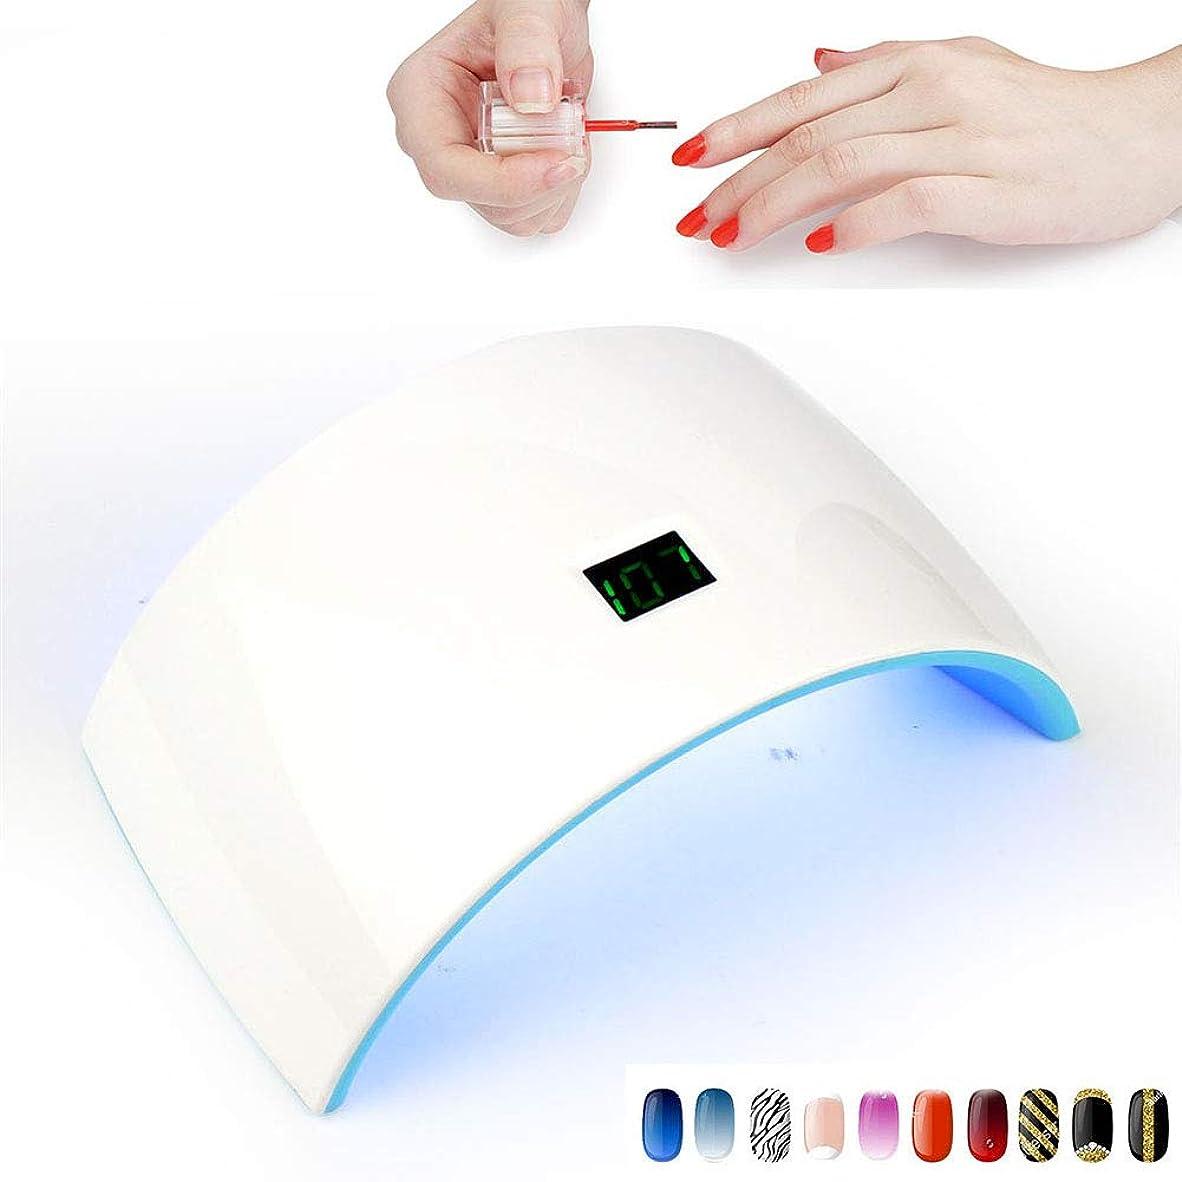 指医薬予言するネイル用ランプおよびジェルポリッシュランプ24Wドライヤー光線療法機液晶ディスプレイ付き高速硬化ジェルワニス,Charging